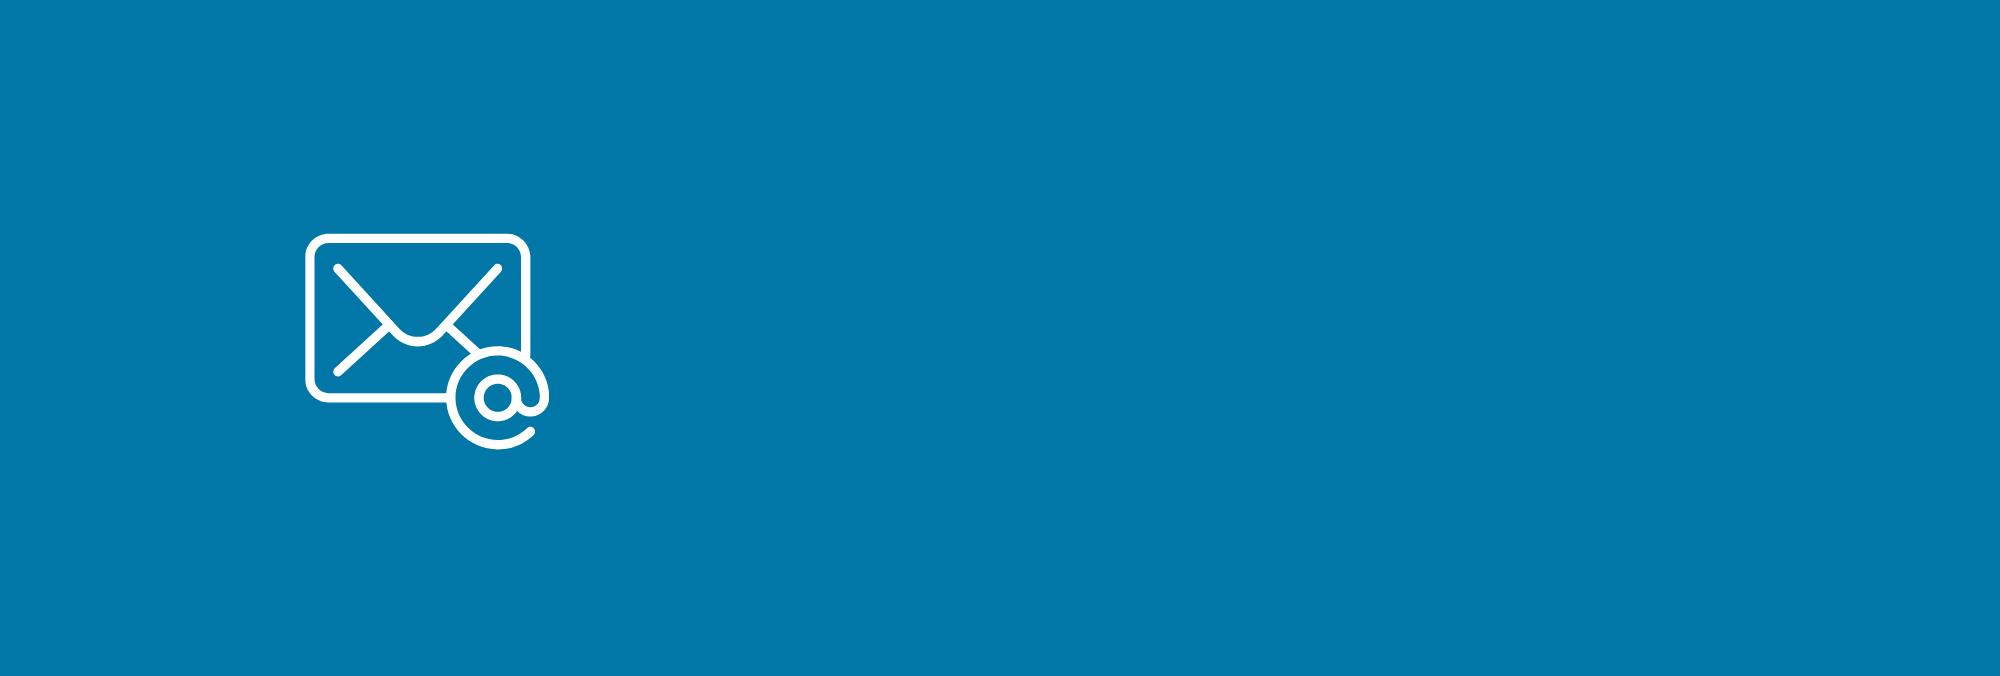 contatti-banner